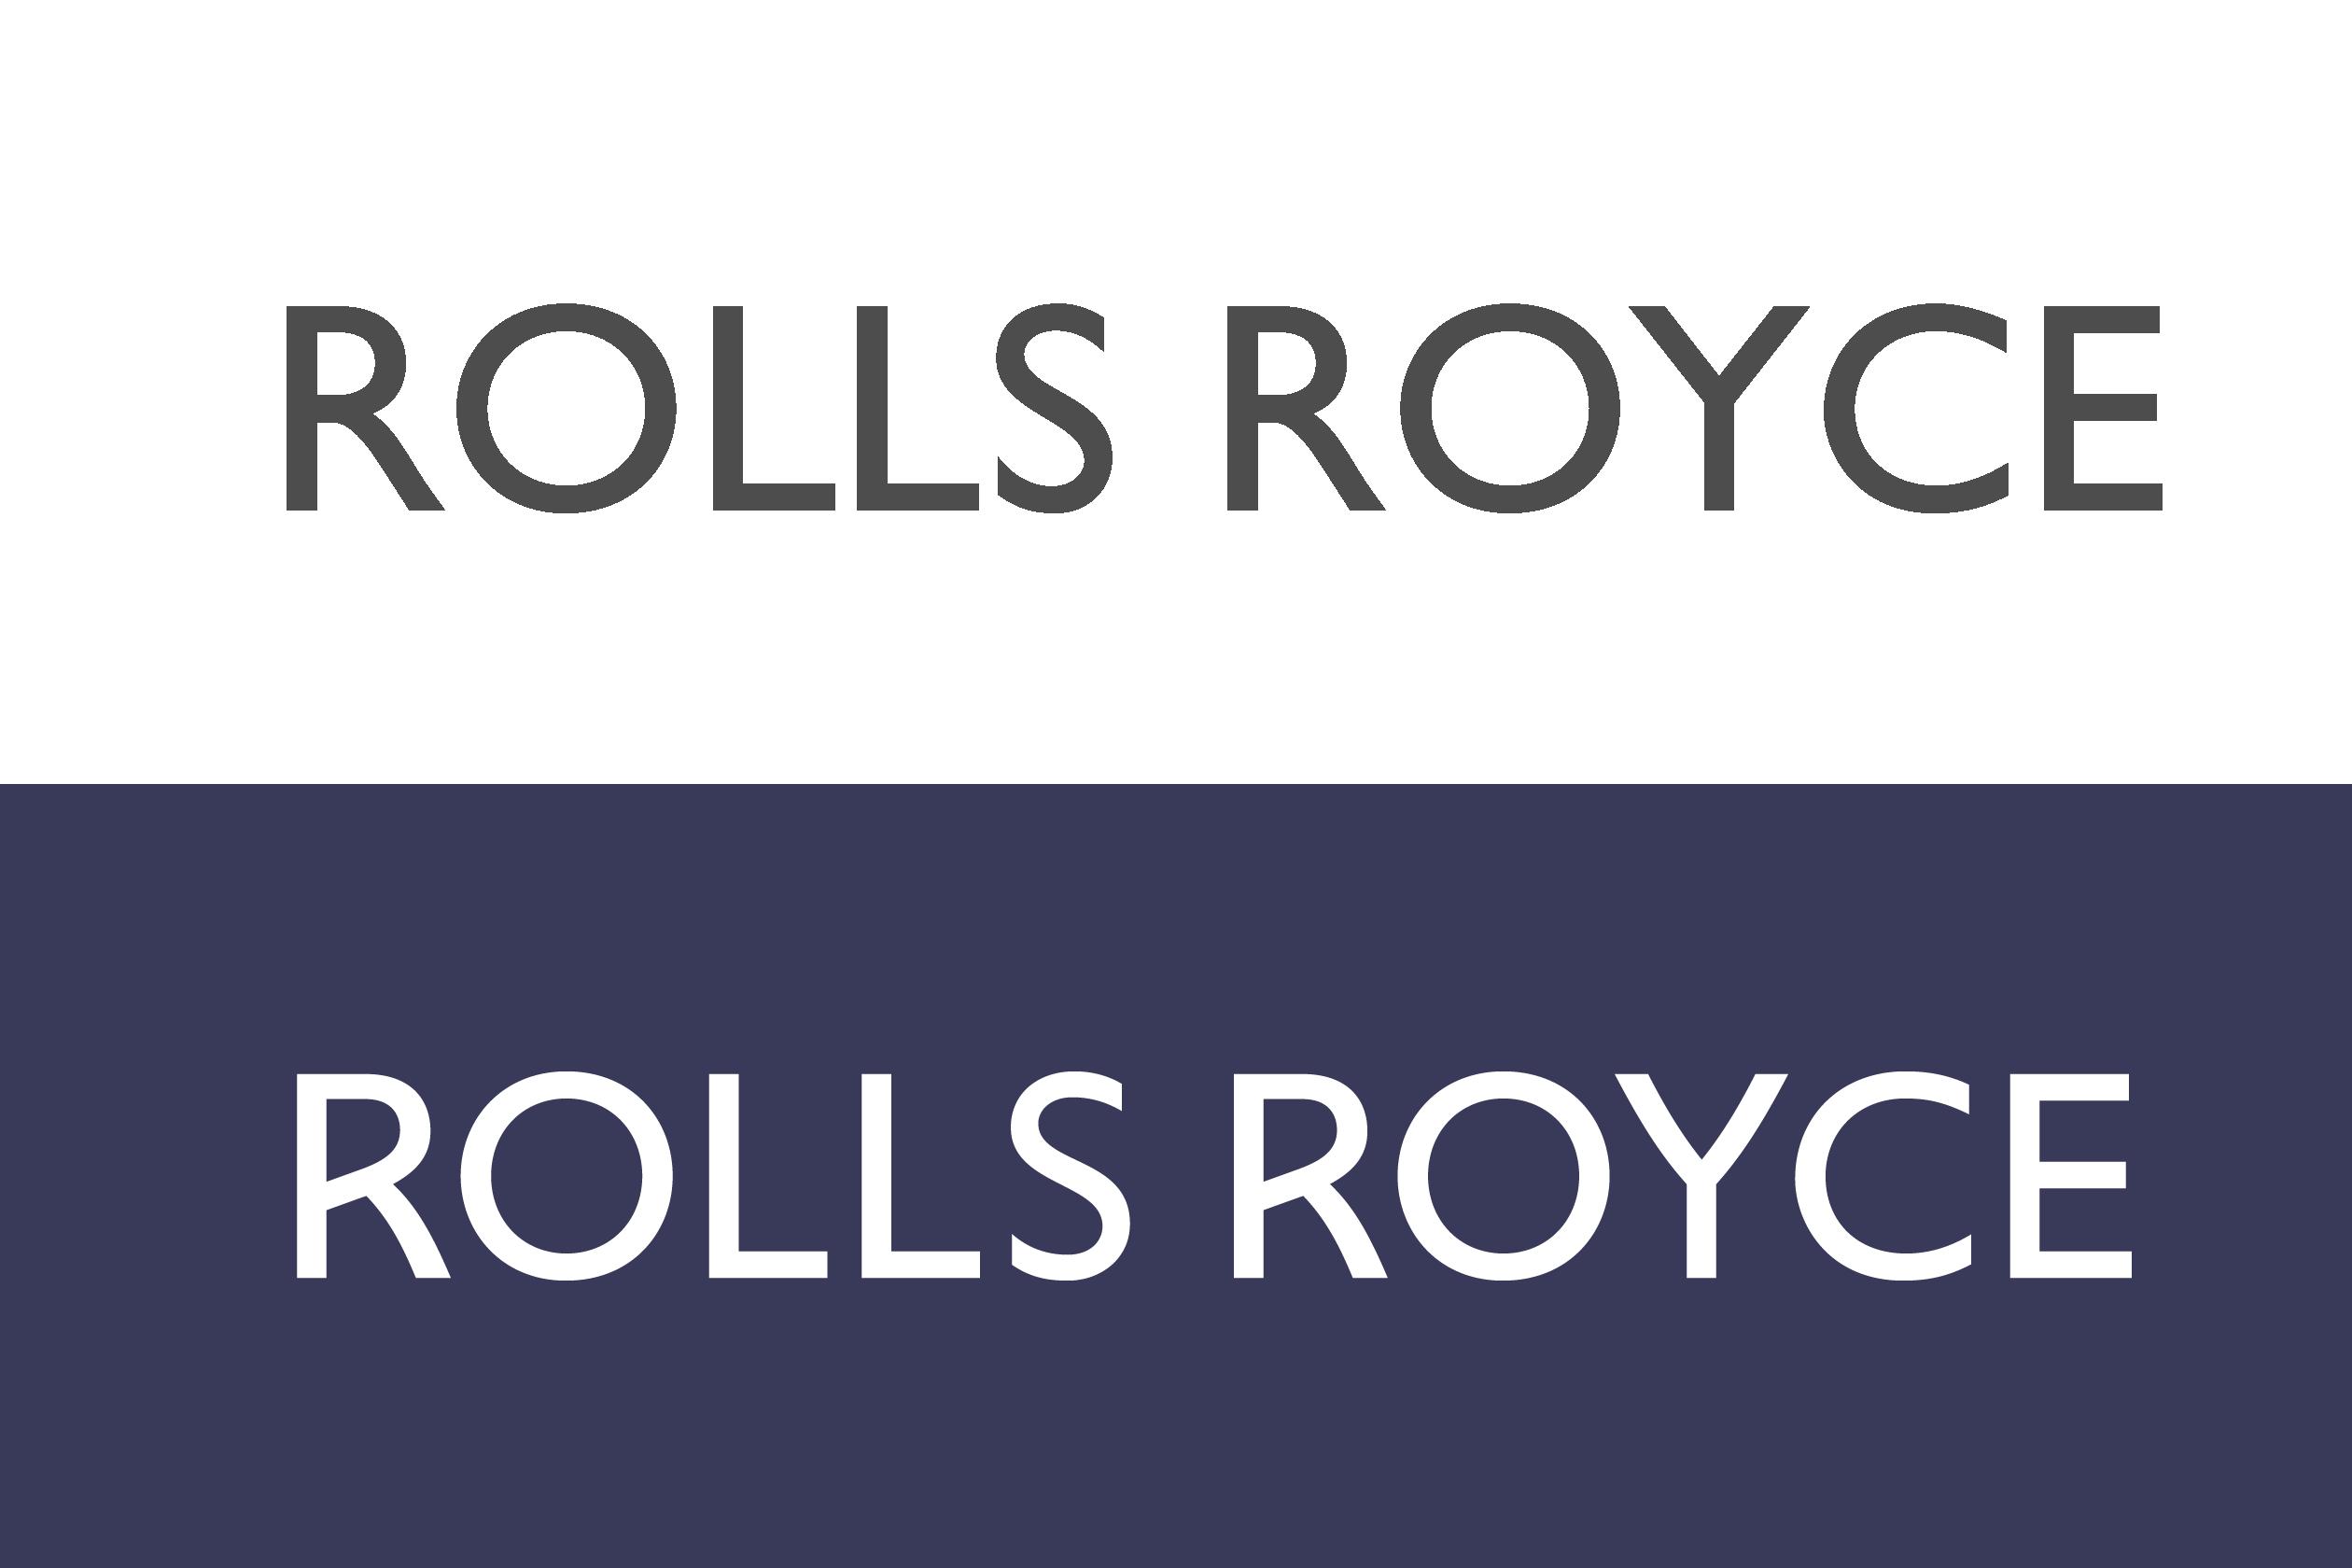 20170404-Projects-RollsRoyce-02